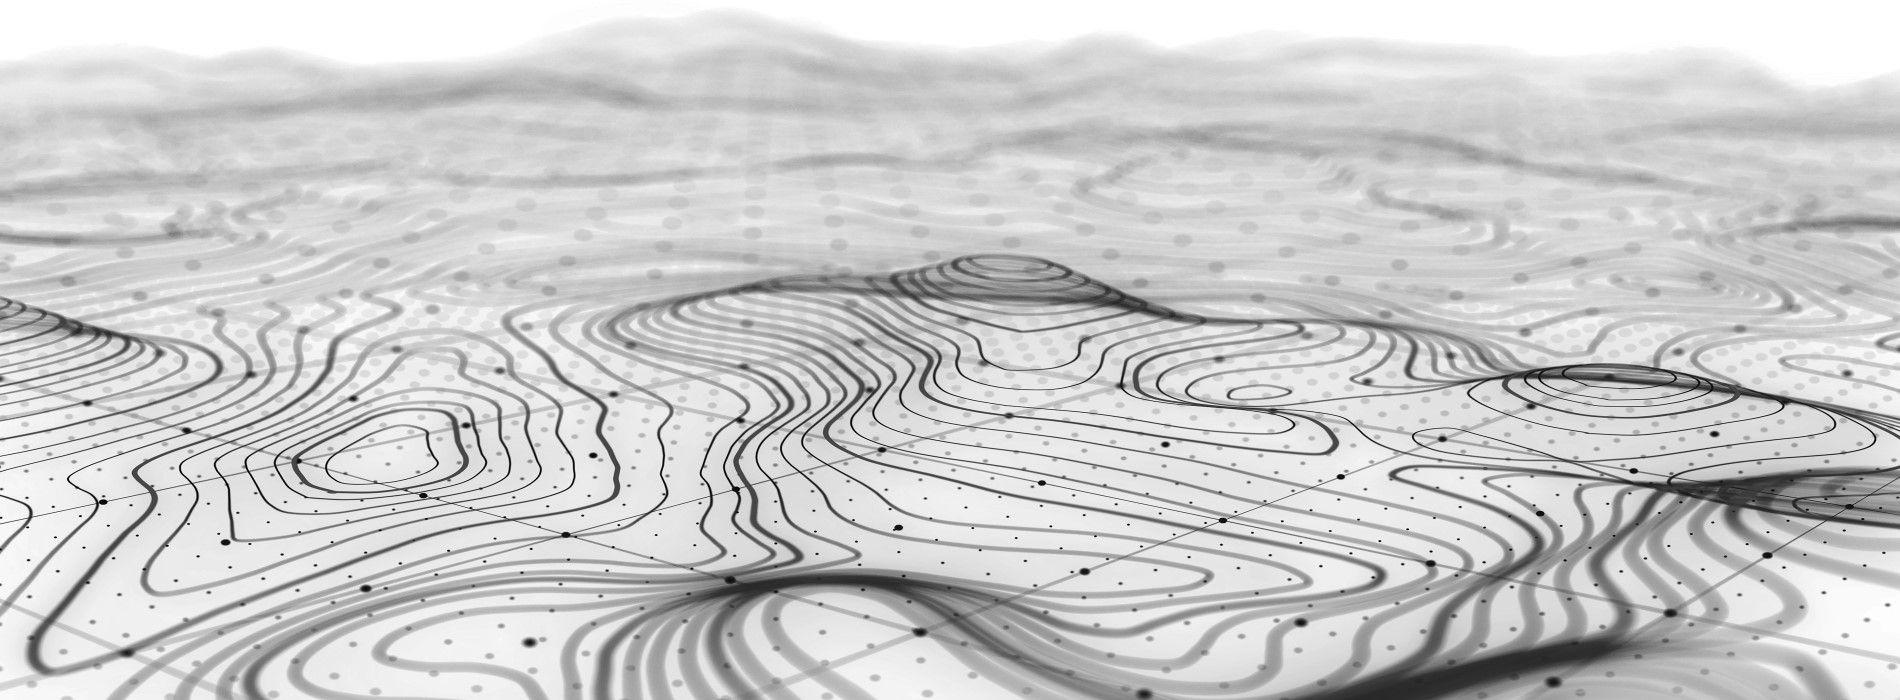 contours_1_1900w_700h